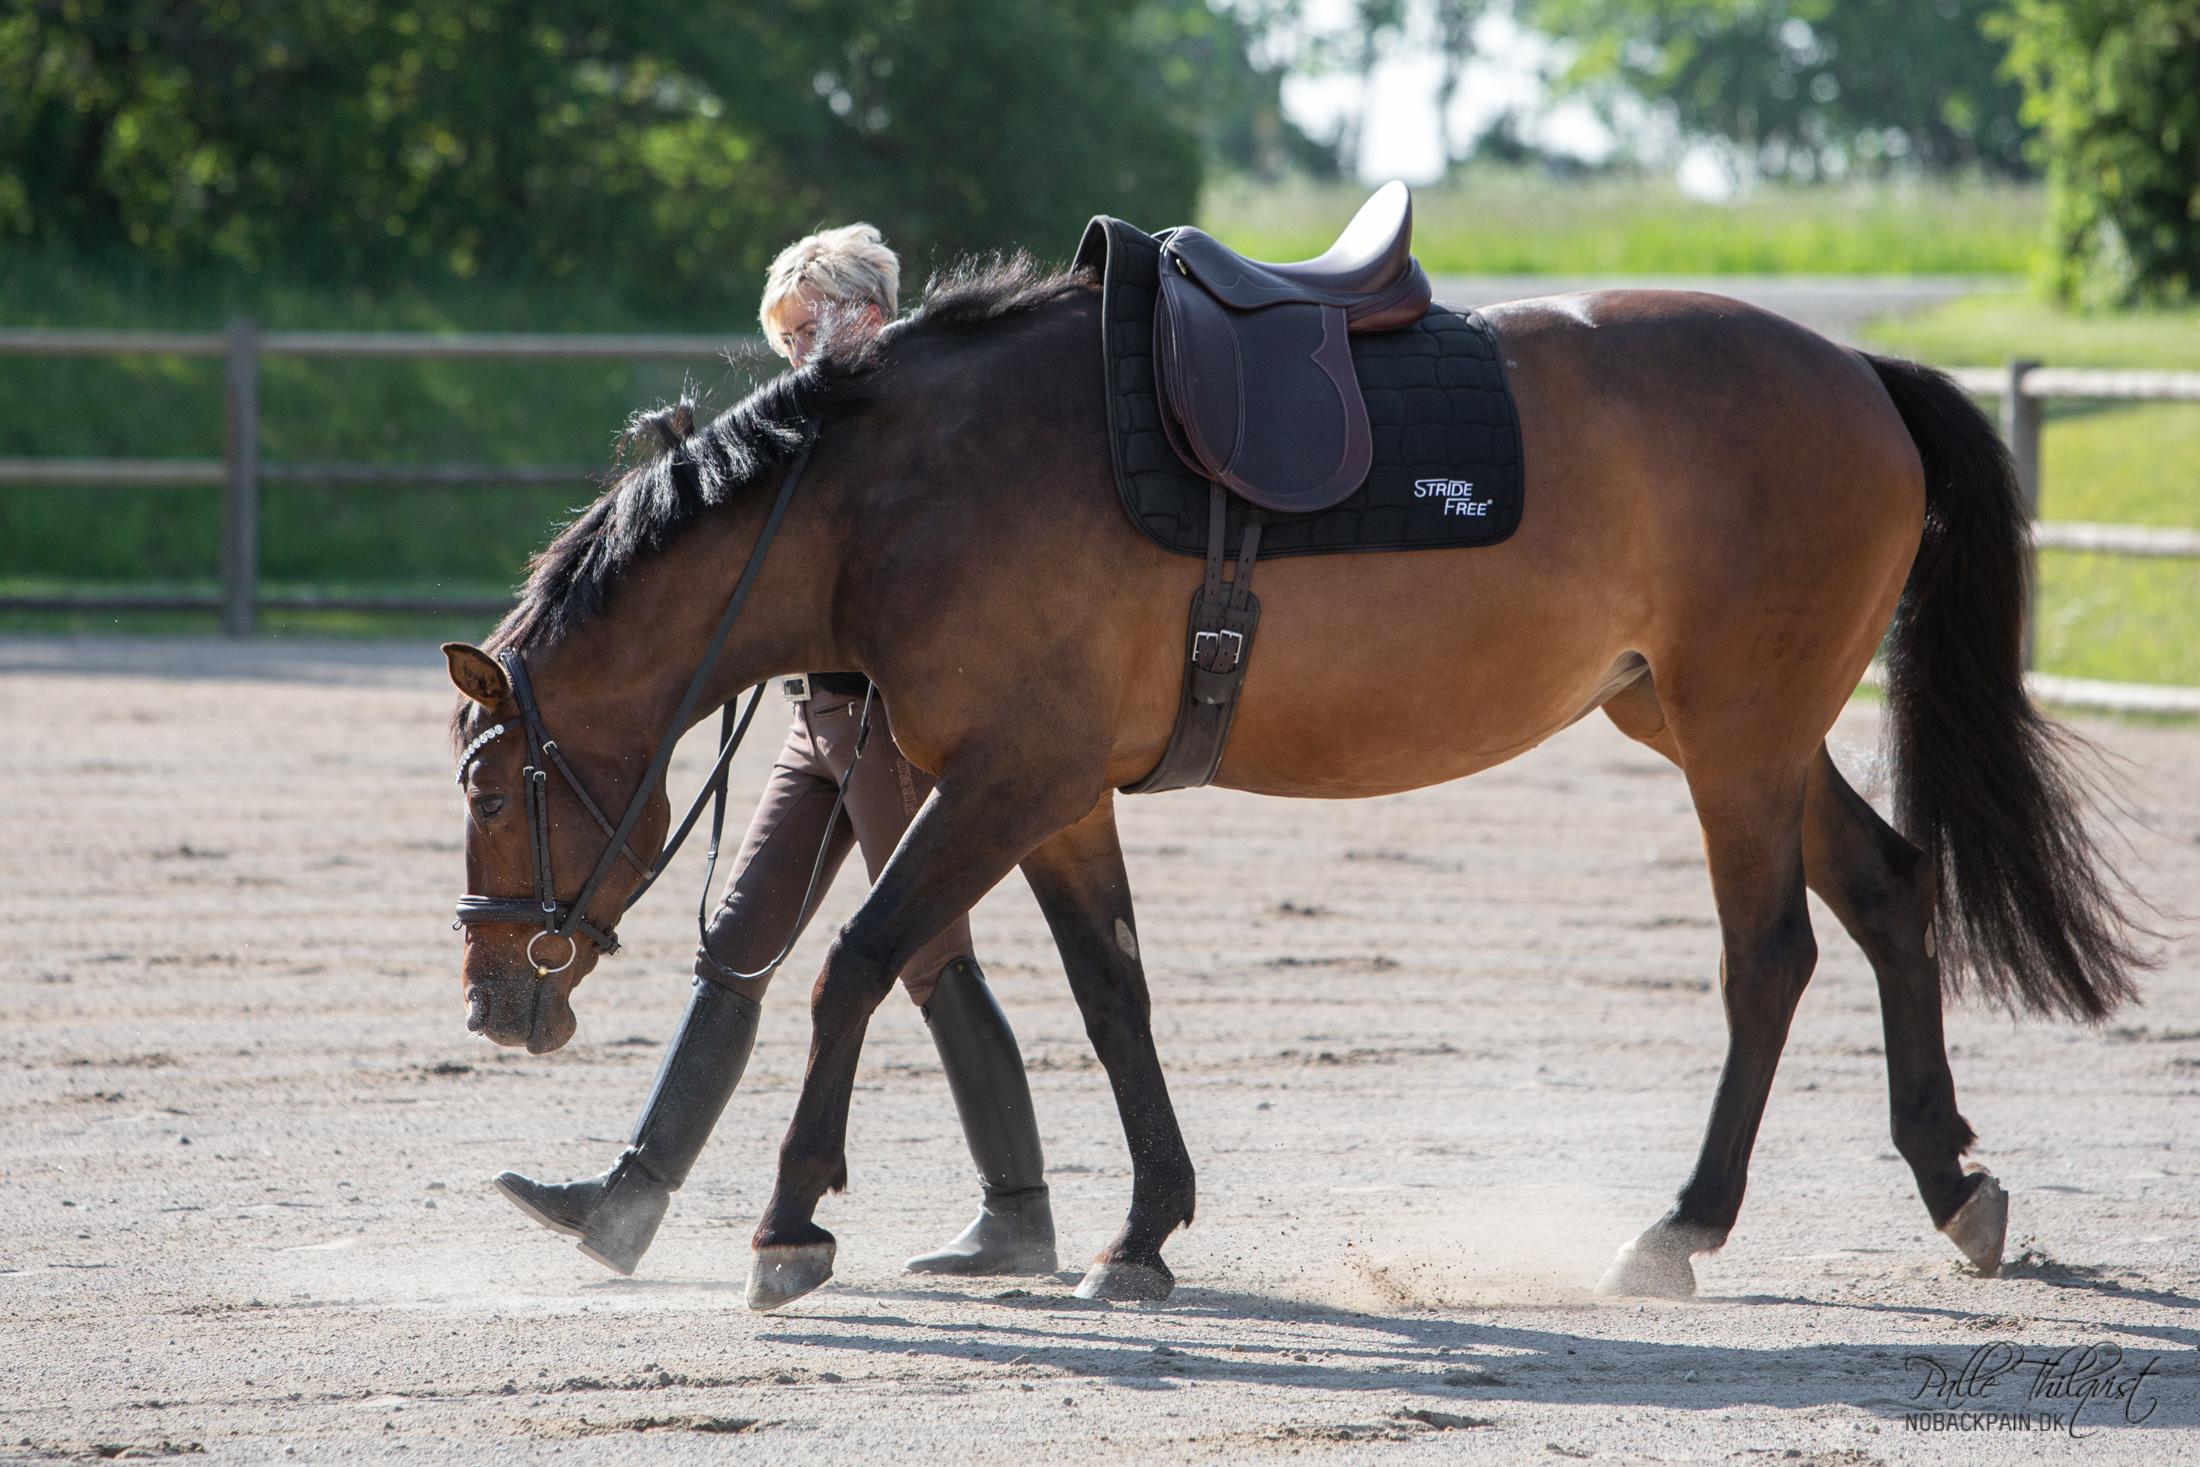 Vi skal tænke på at det vi gør fra jorden af gerne skulle kunne overføres til ridningen. Når vi begynder at ride hesten, så kan det være meget svært at kontrollere hestens skuldre osv, hvis den går rundt med mulen i jorden for en løs tøjle. Det kan være nødvendigt lige til at starte med at give den tøjlerne helt når den strækker sig, men meningen er at hesten på sigt skal følger kontakten på tøjlen. Mange heste har aldrig lært at søge den korrekte kontakt på biddet. Og det kan vi lære den via arbejdet for hånd. Her ud over lærer hesten at bruge sig selv mere korrekt og den får styrket og løsgjort sin overlinje.